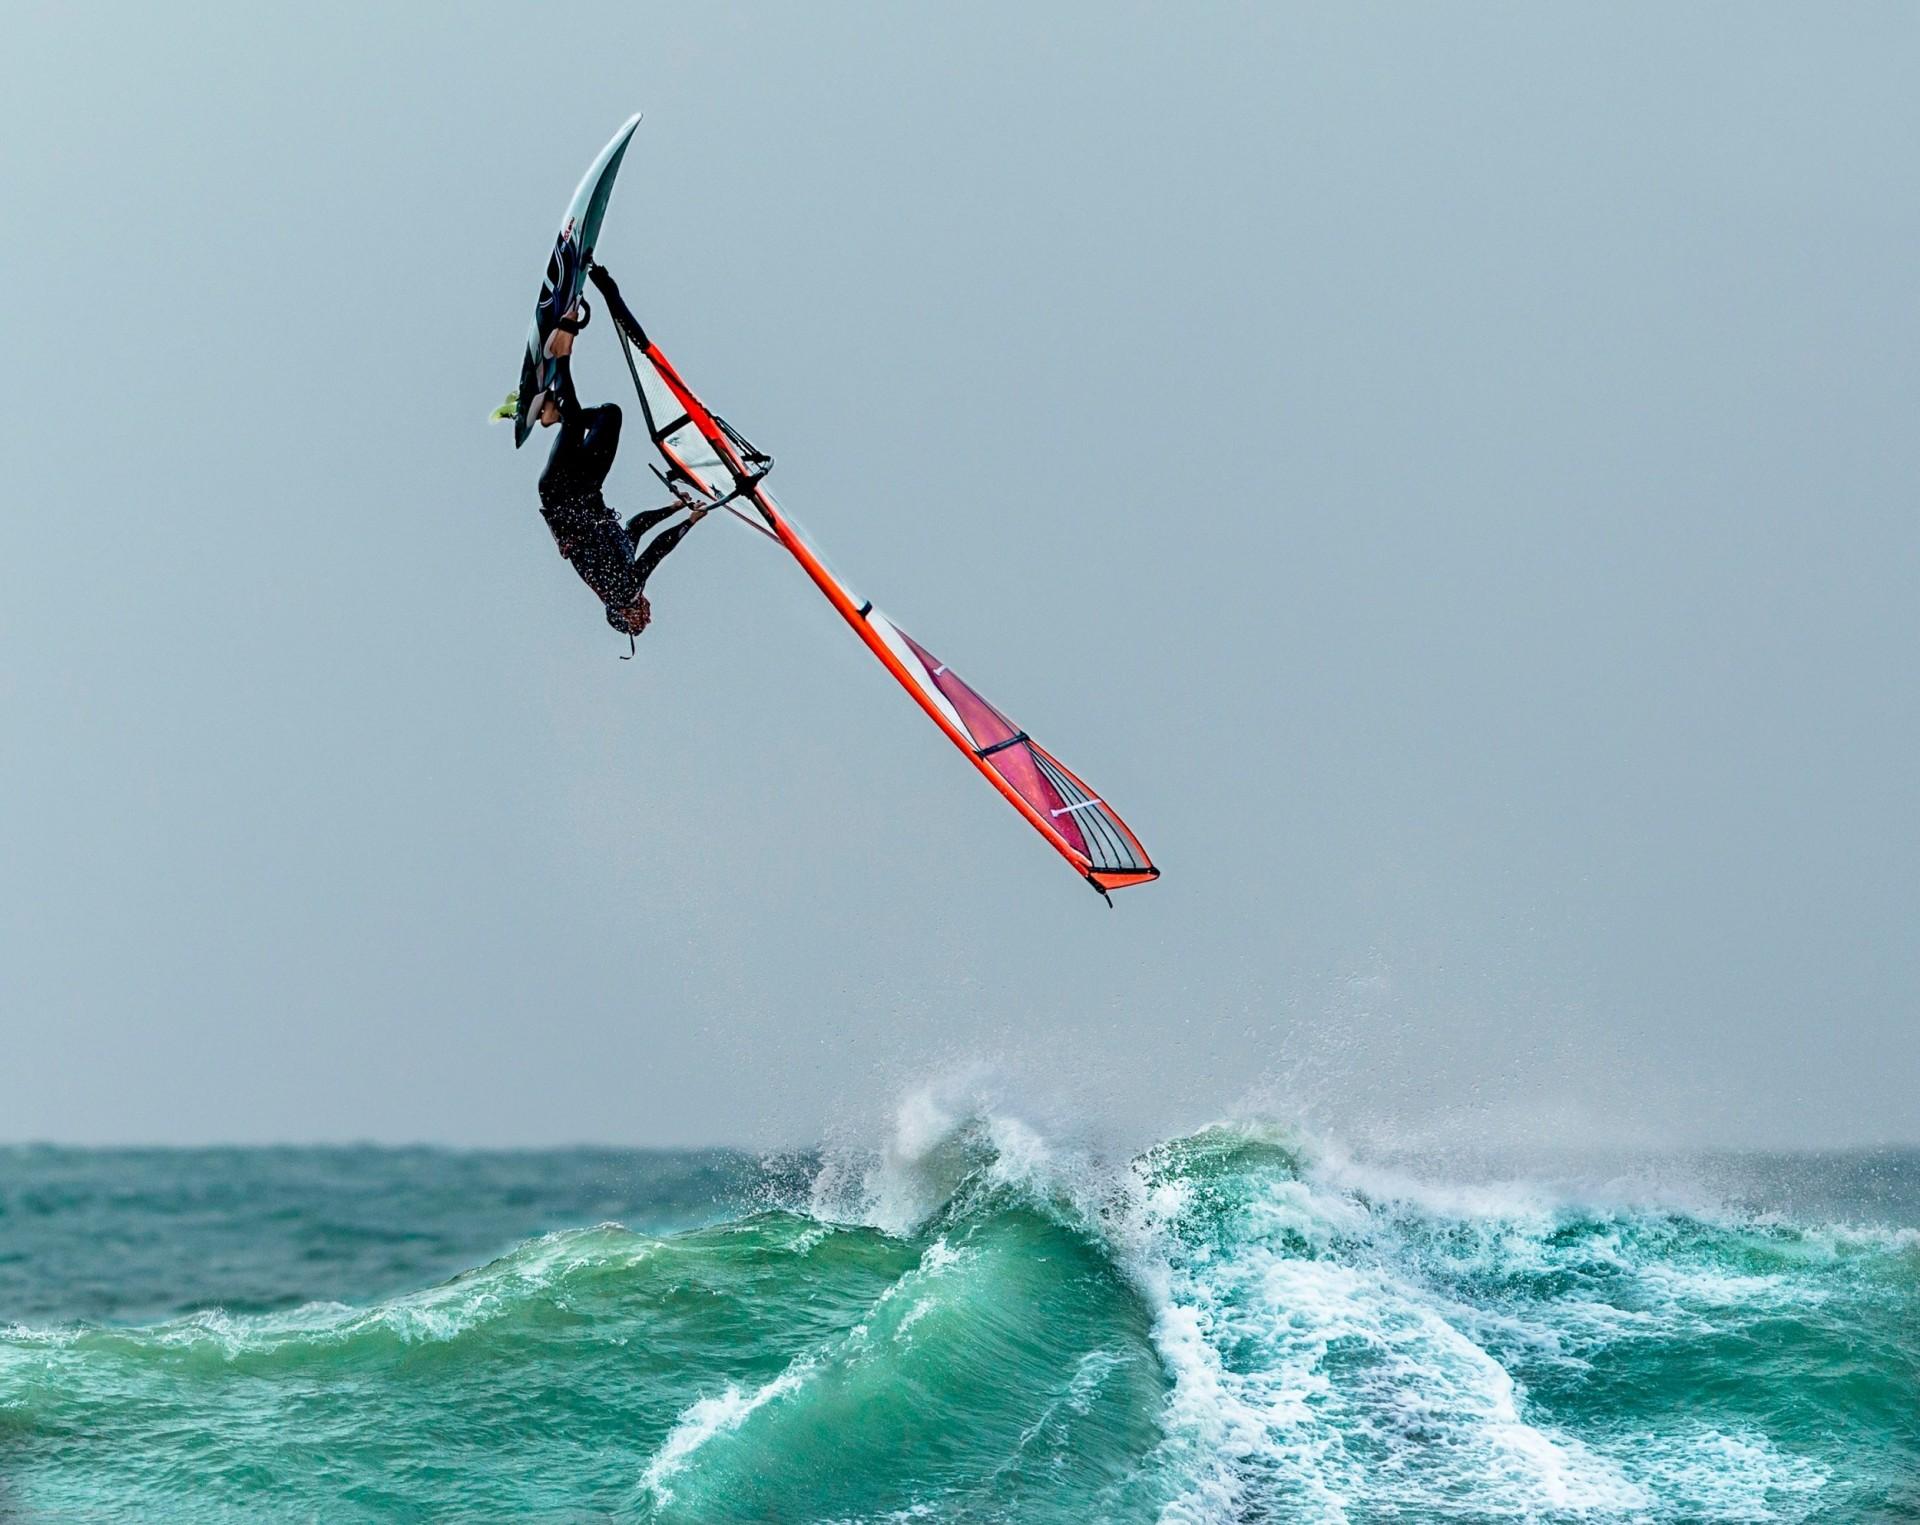 Виндсерфинг  - что это такое и отличия от серфинга и кайтсерфинга